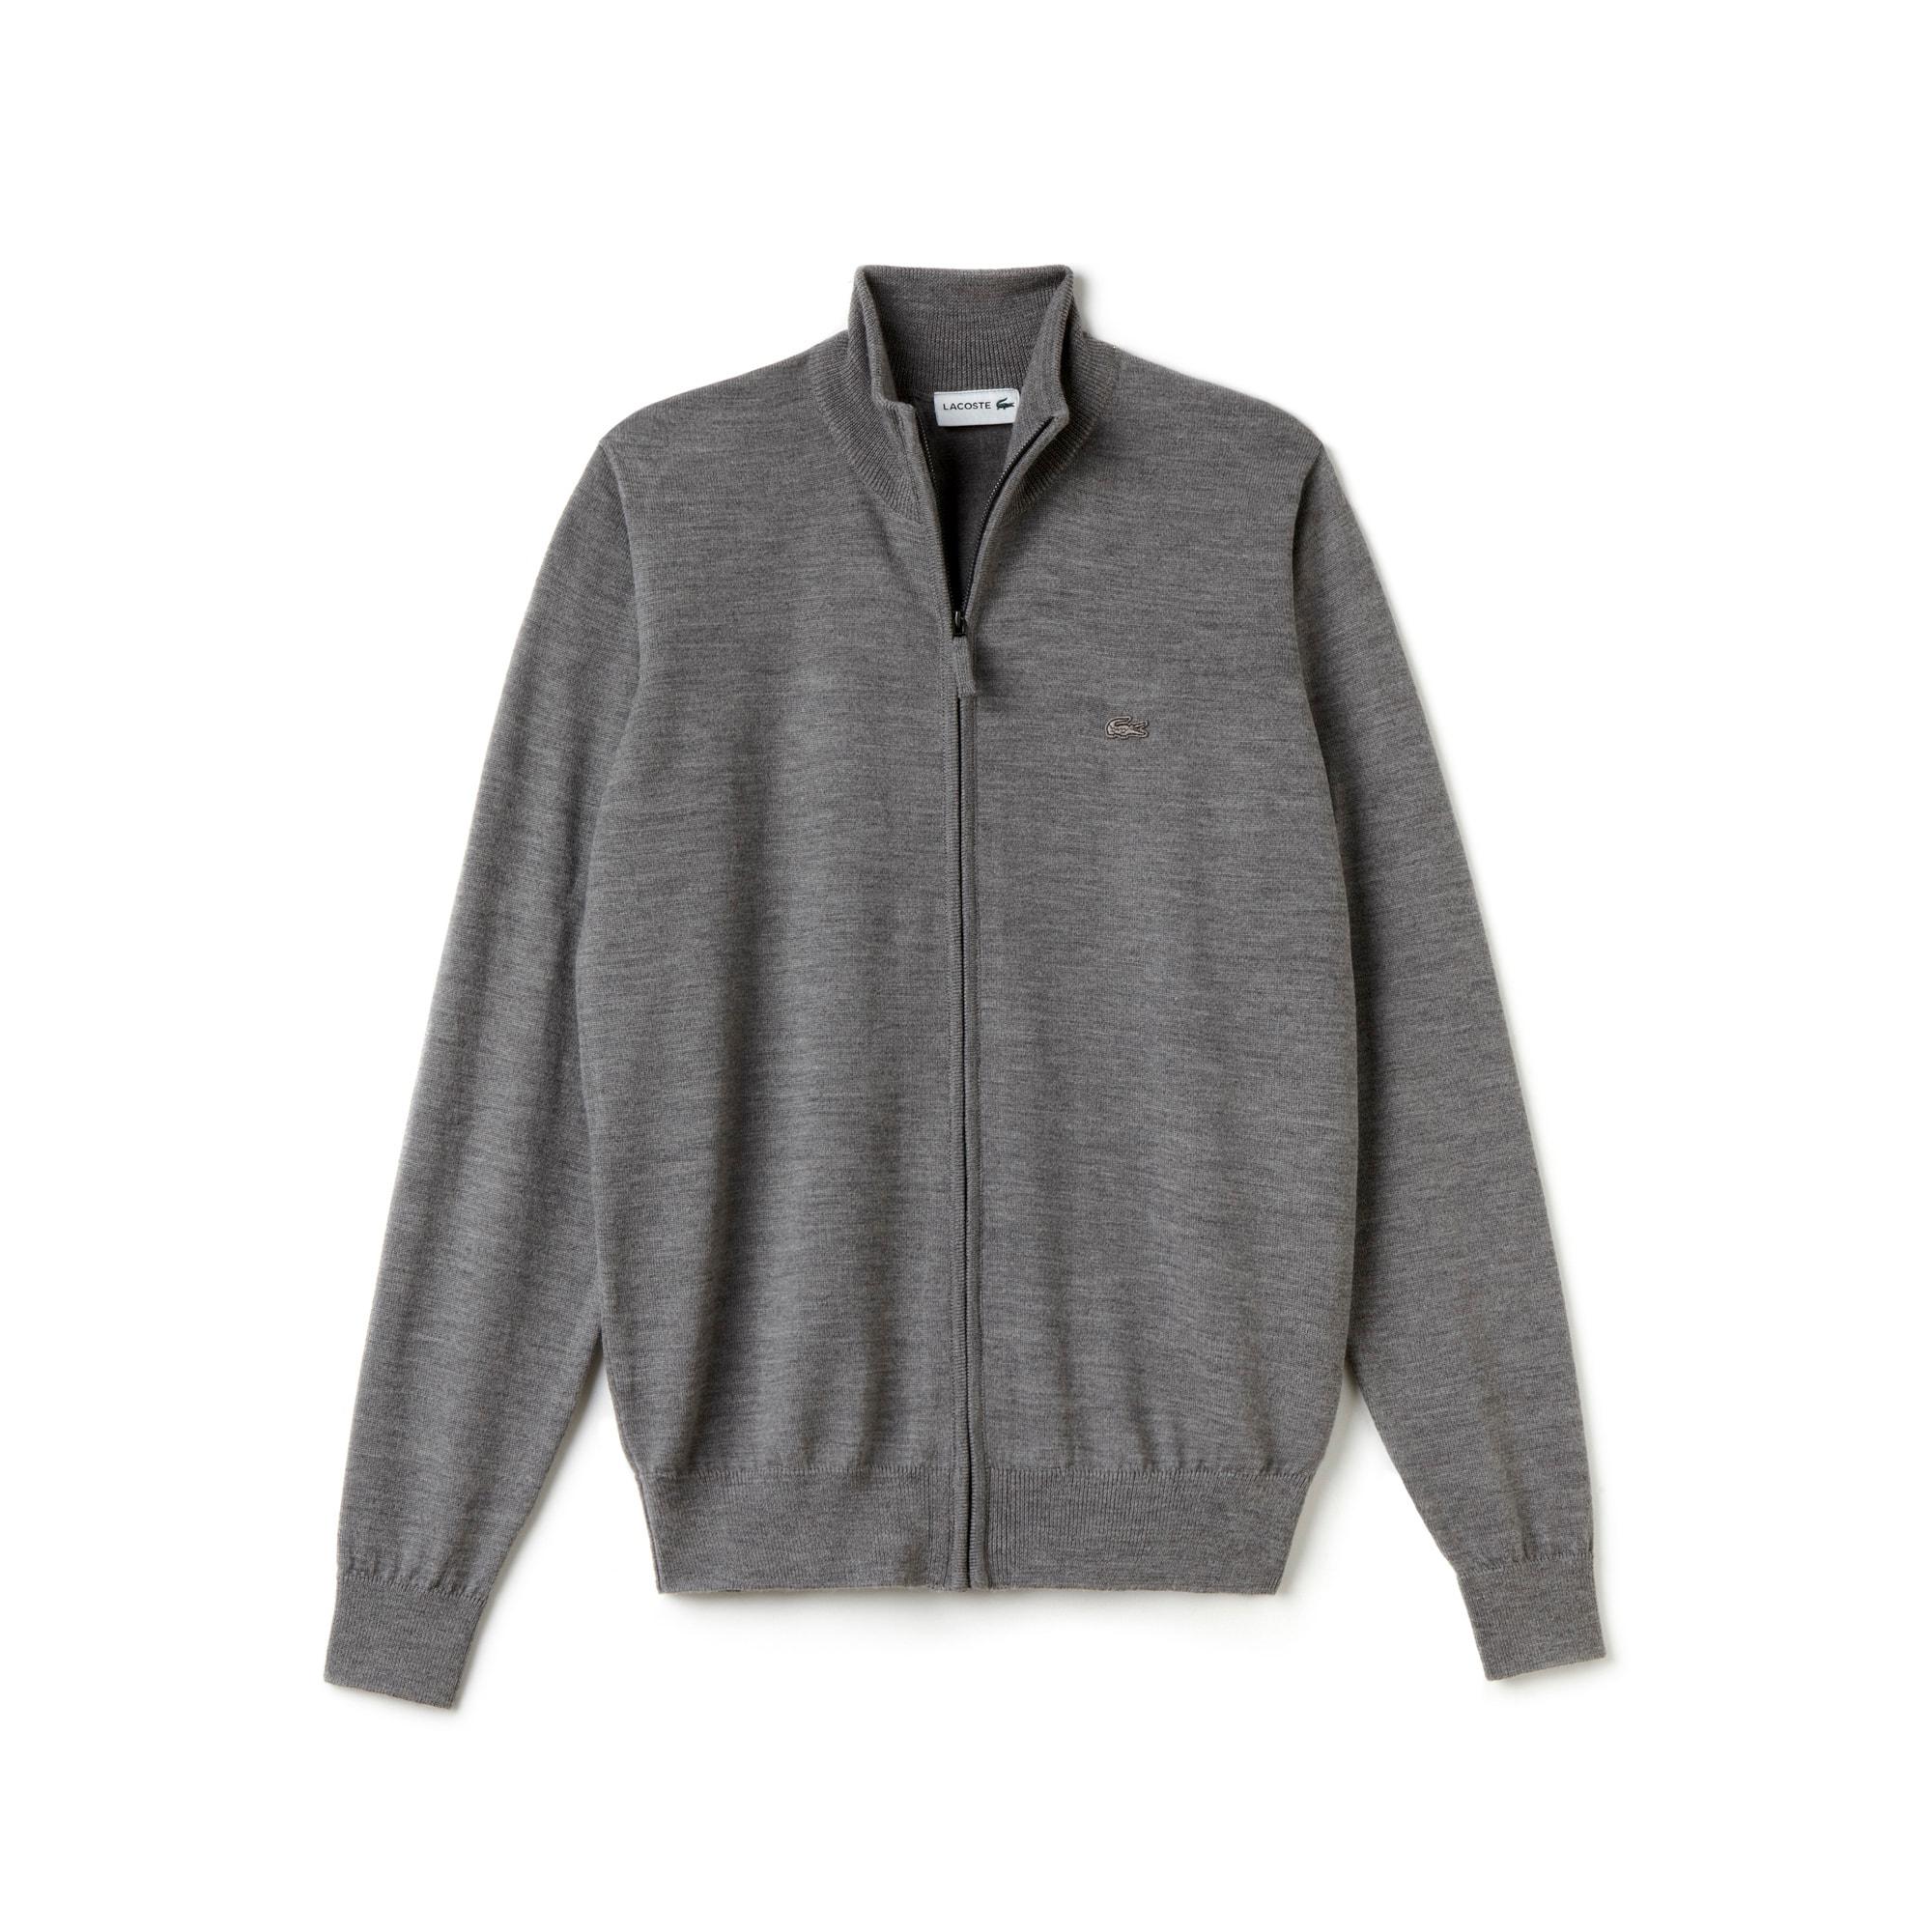 Chaqueta de hombre con cremallera en tejido de punto de lana y cuello subido